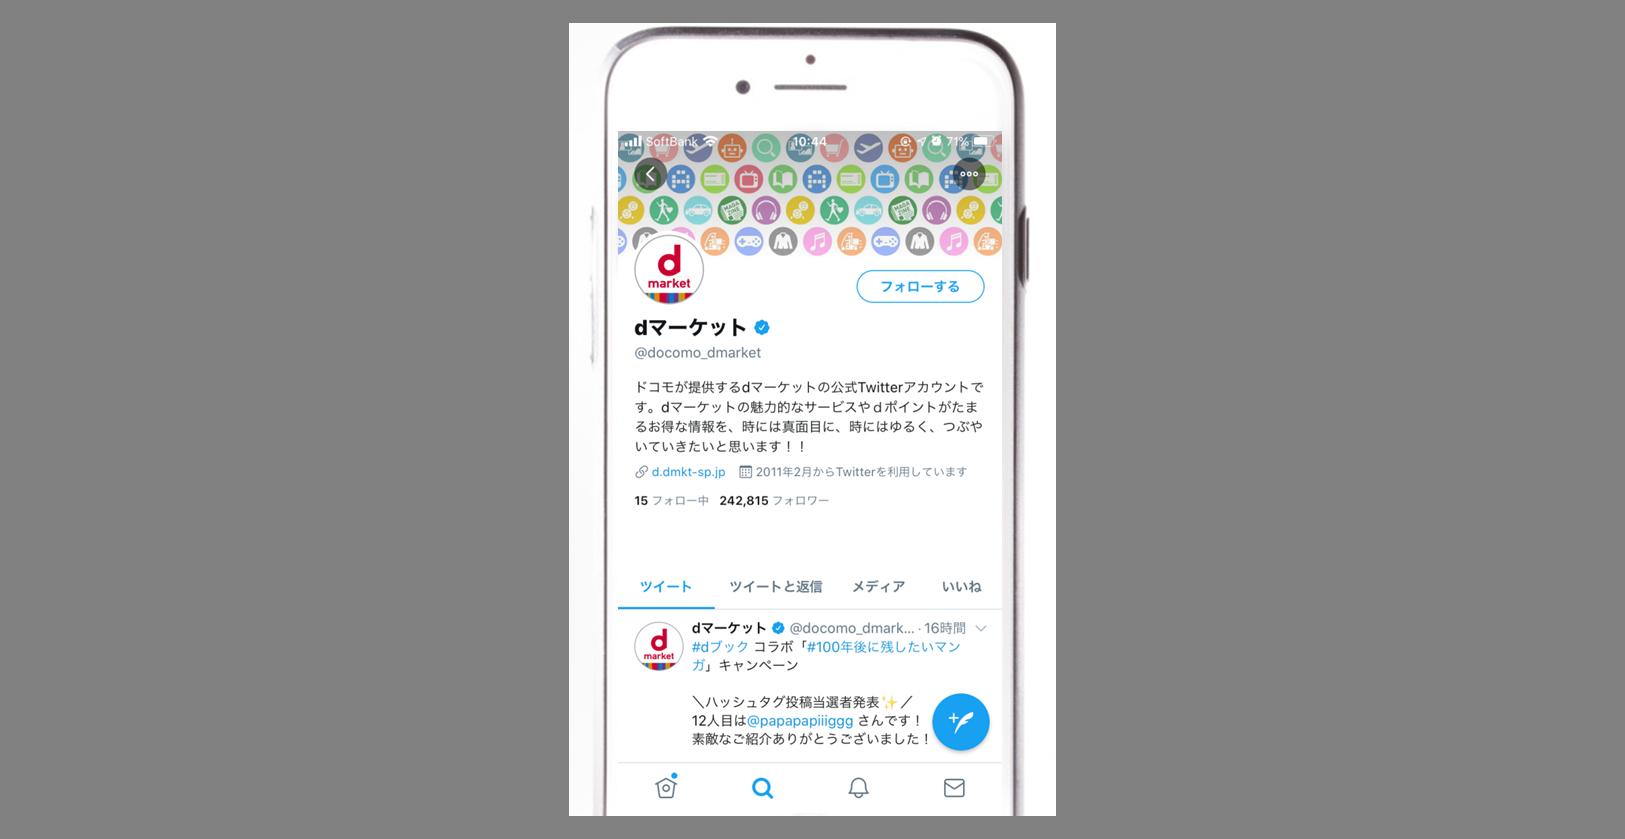 dマーケット Twitterアカウント